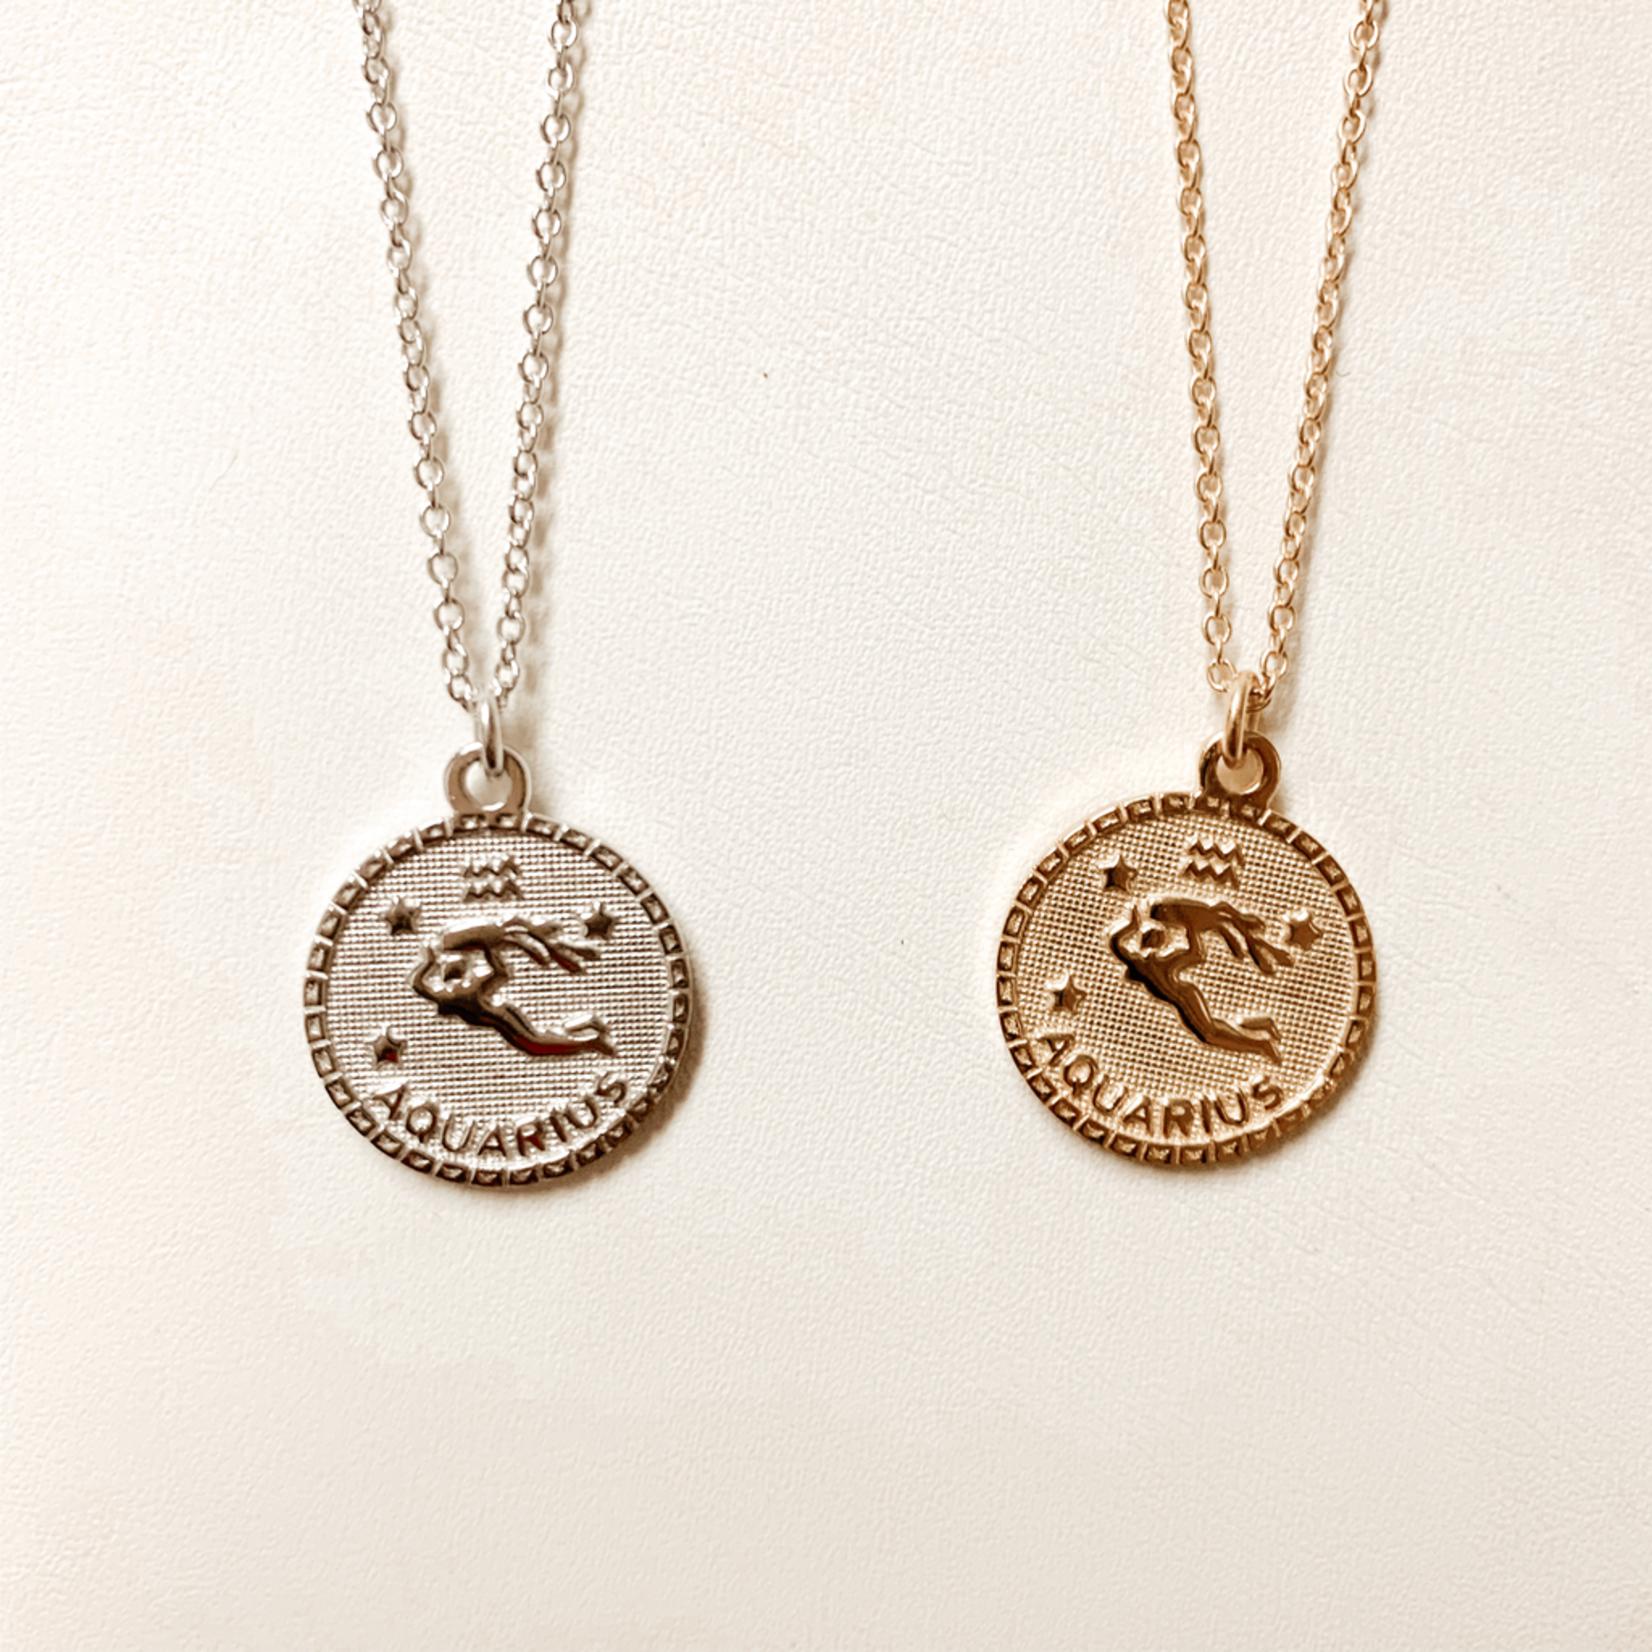 Aquarius In the Stars Necklace